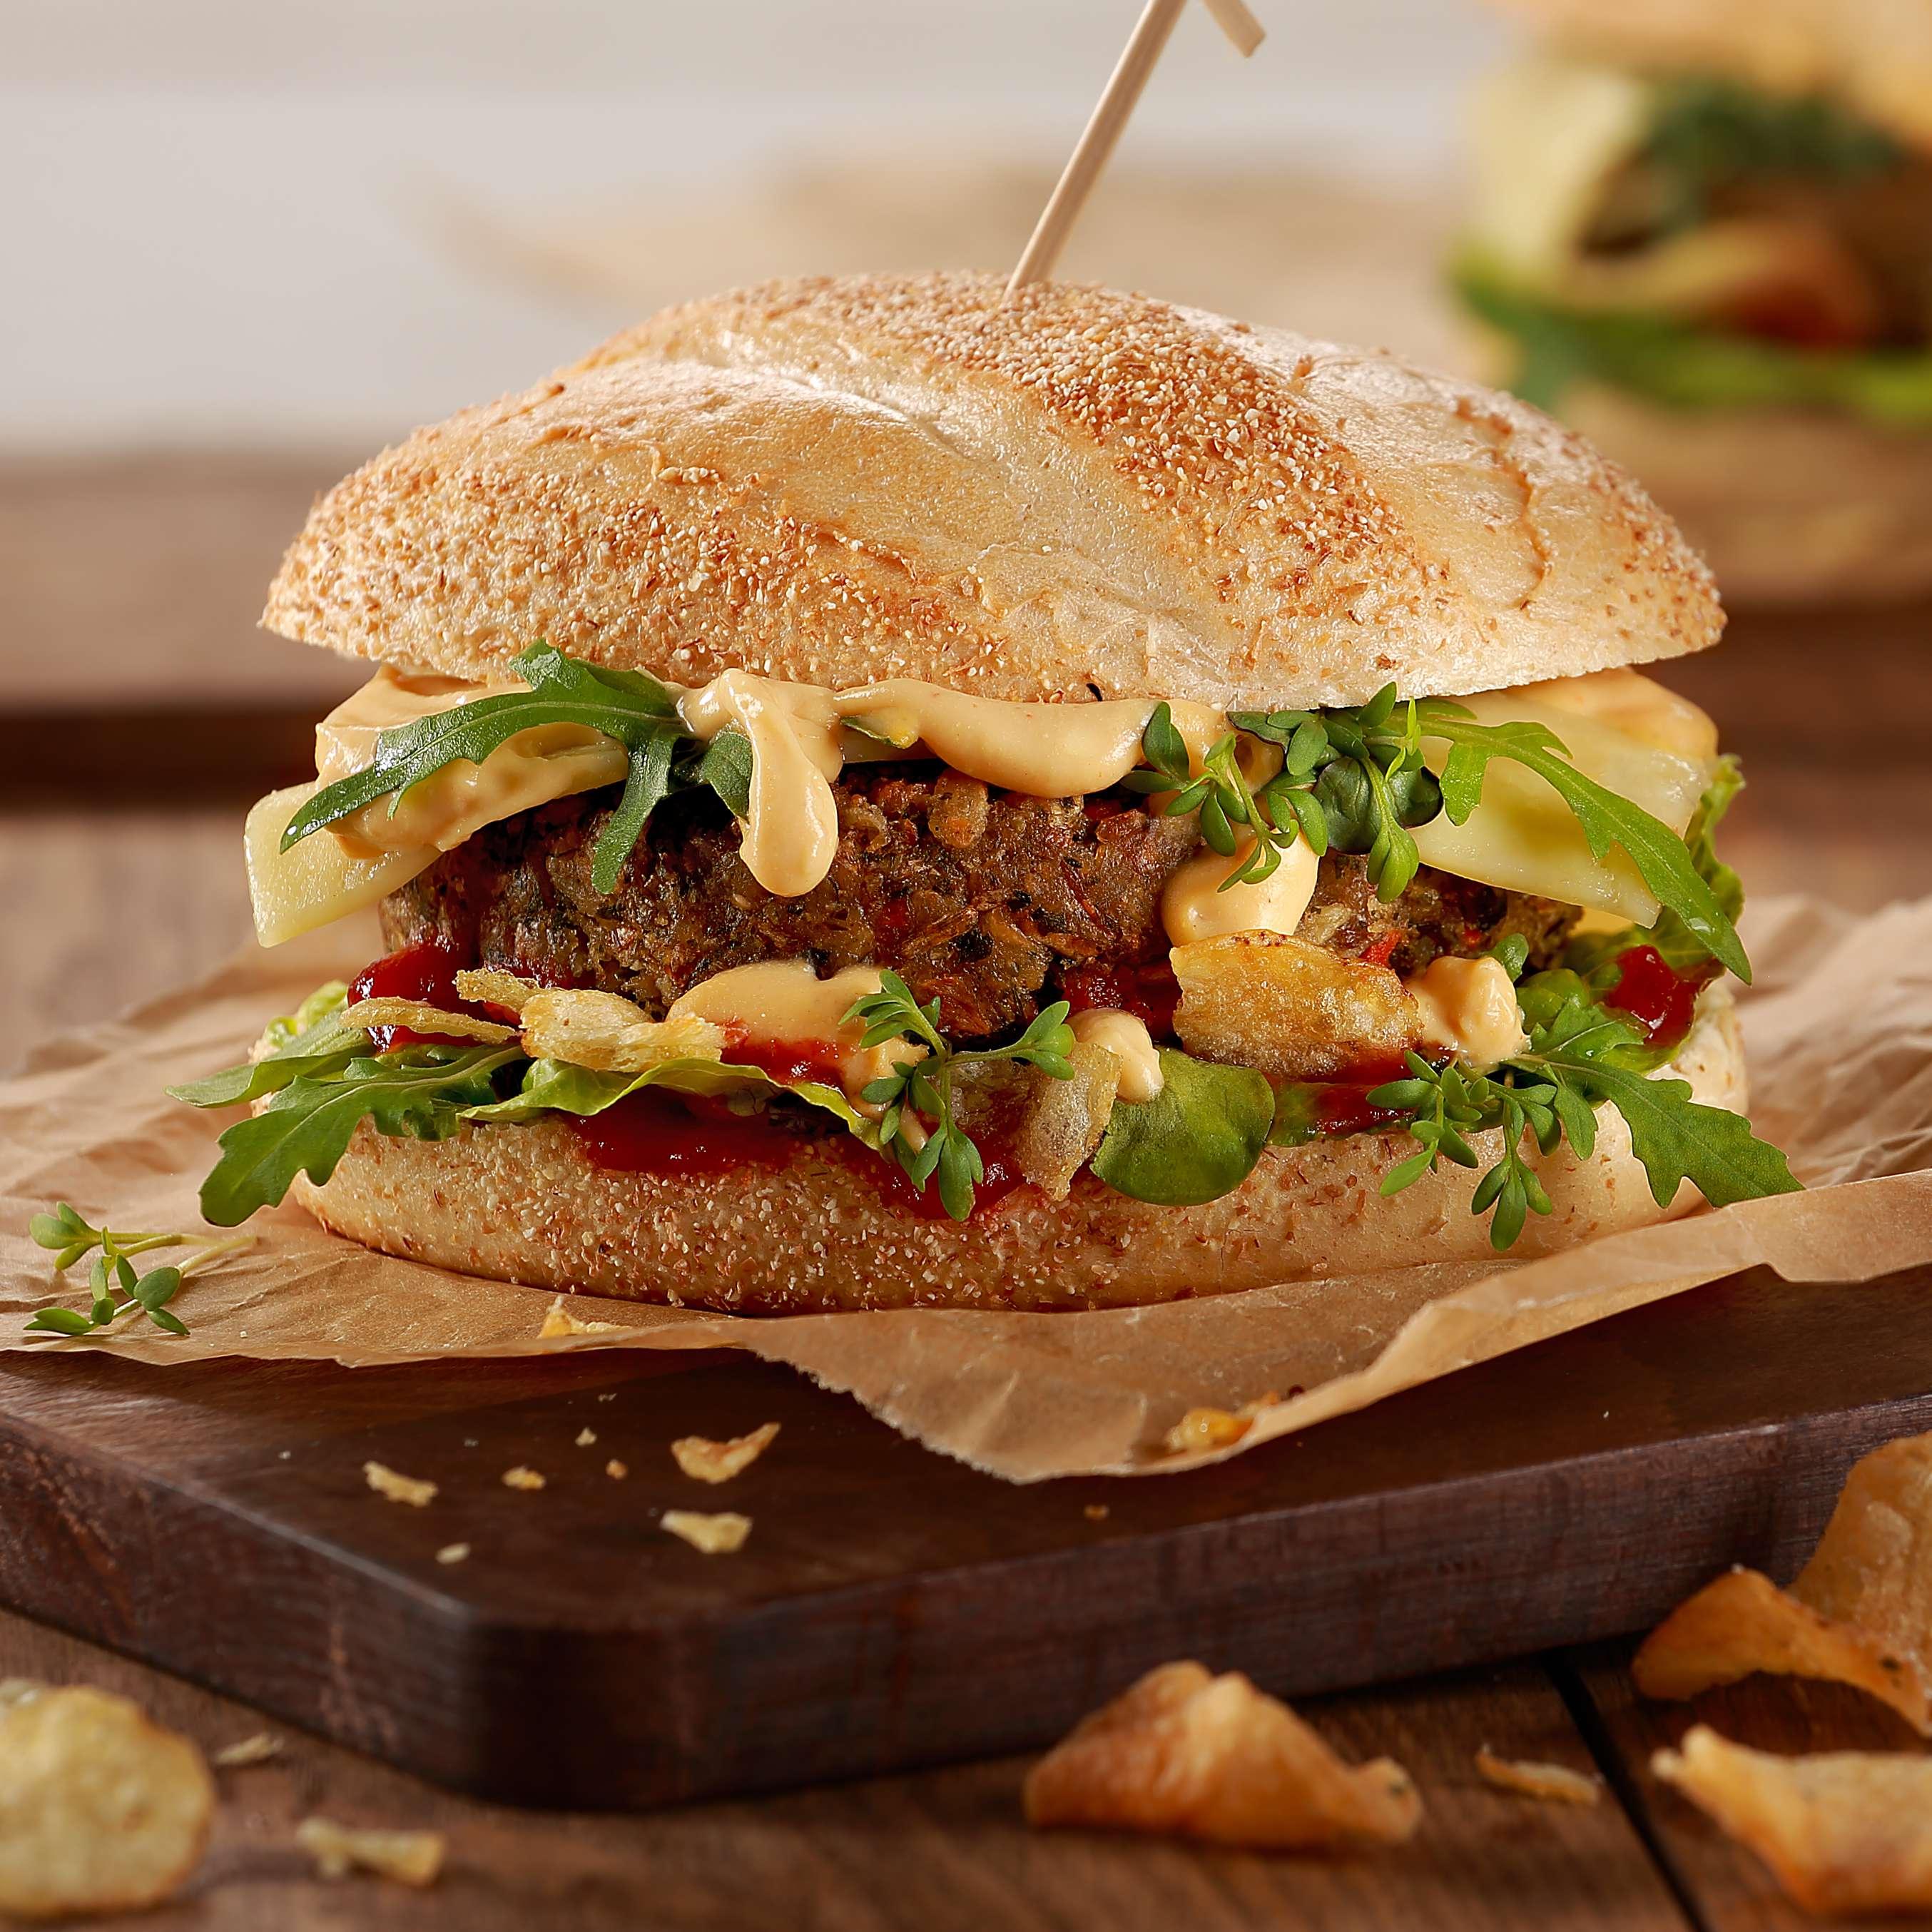 rezept f r vegetarischer bio burger mit kartoffelchips. Black Bedroom Furniture Sets. Home Design Ideas